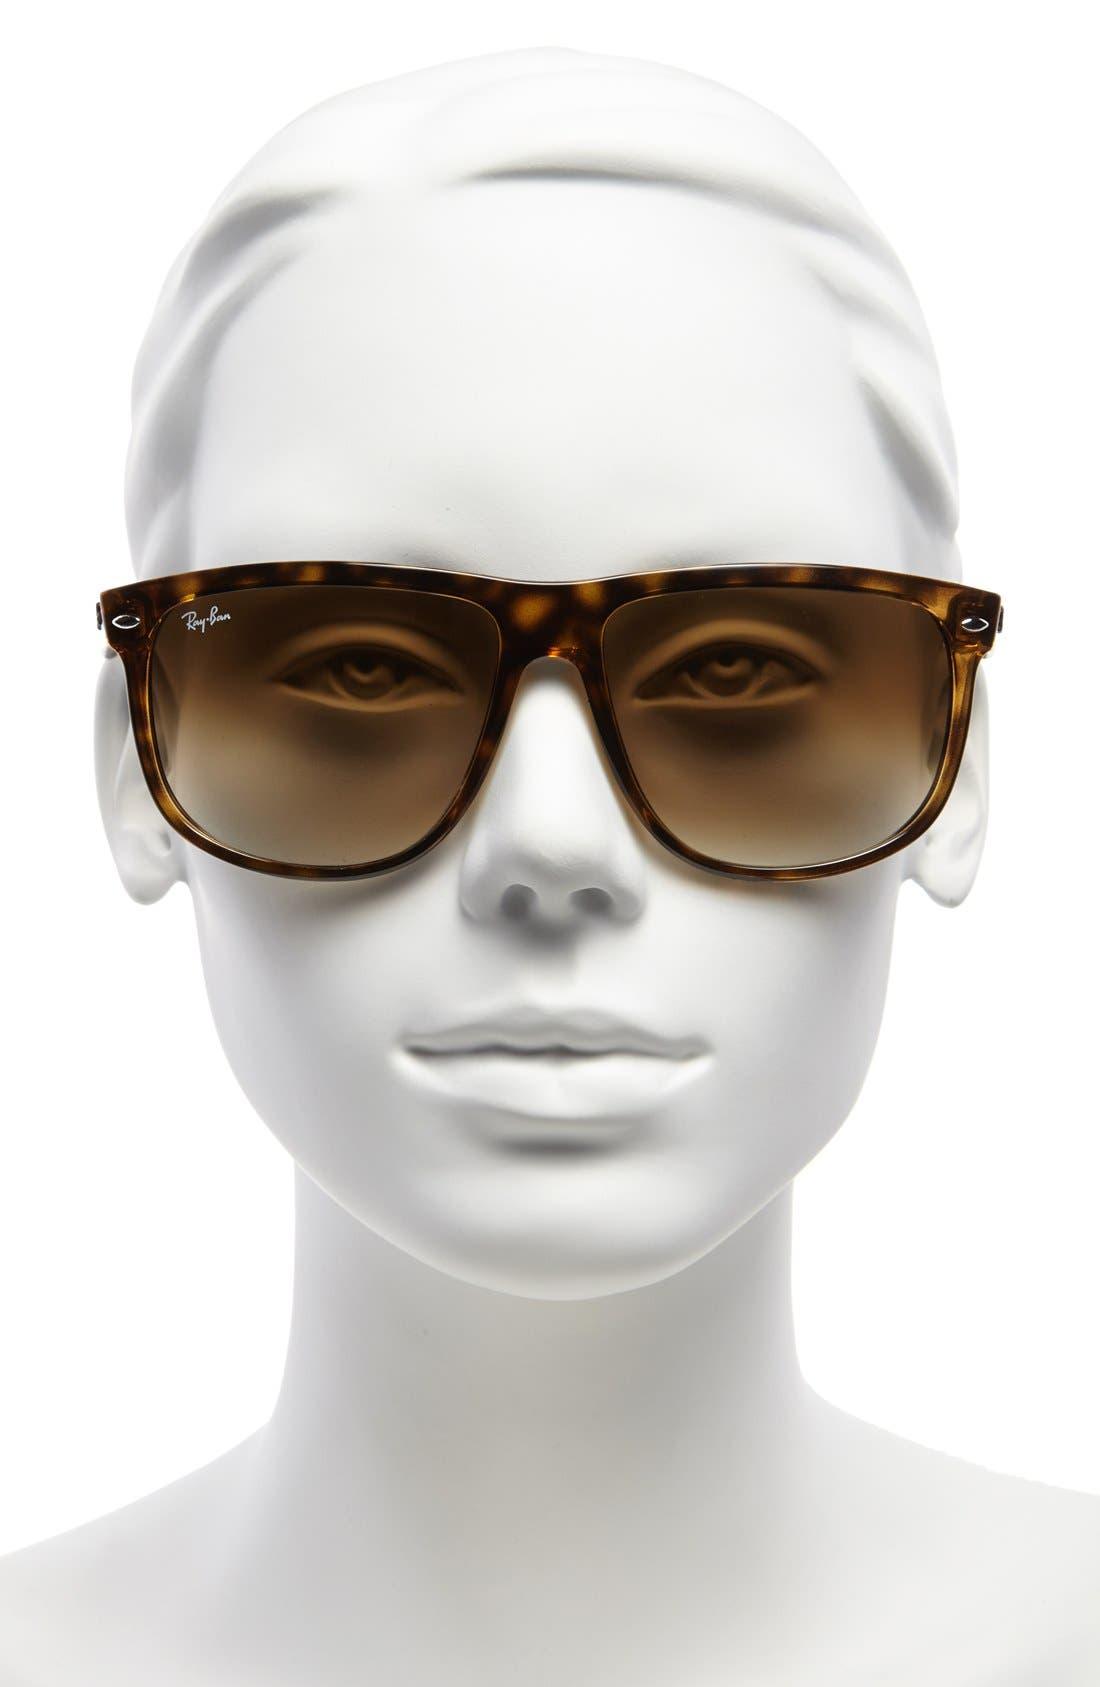 Boyfriend 60mm Flat Top Sunglasses,                             Alternate thumbnail 2, color,                             TORTOISE GRADIENT